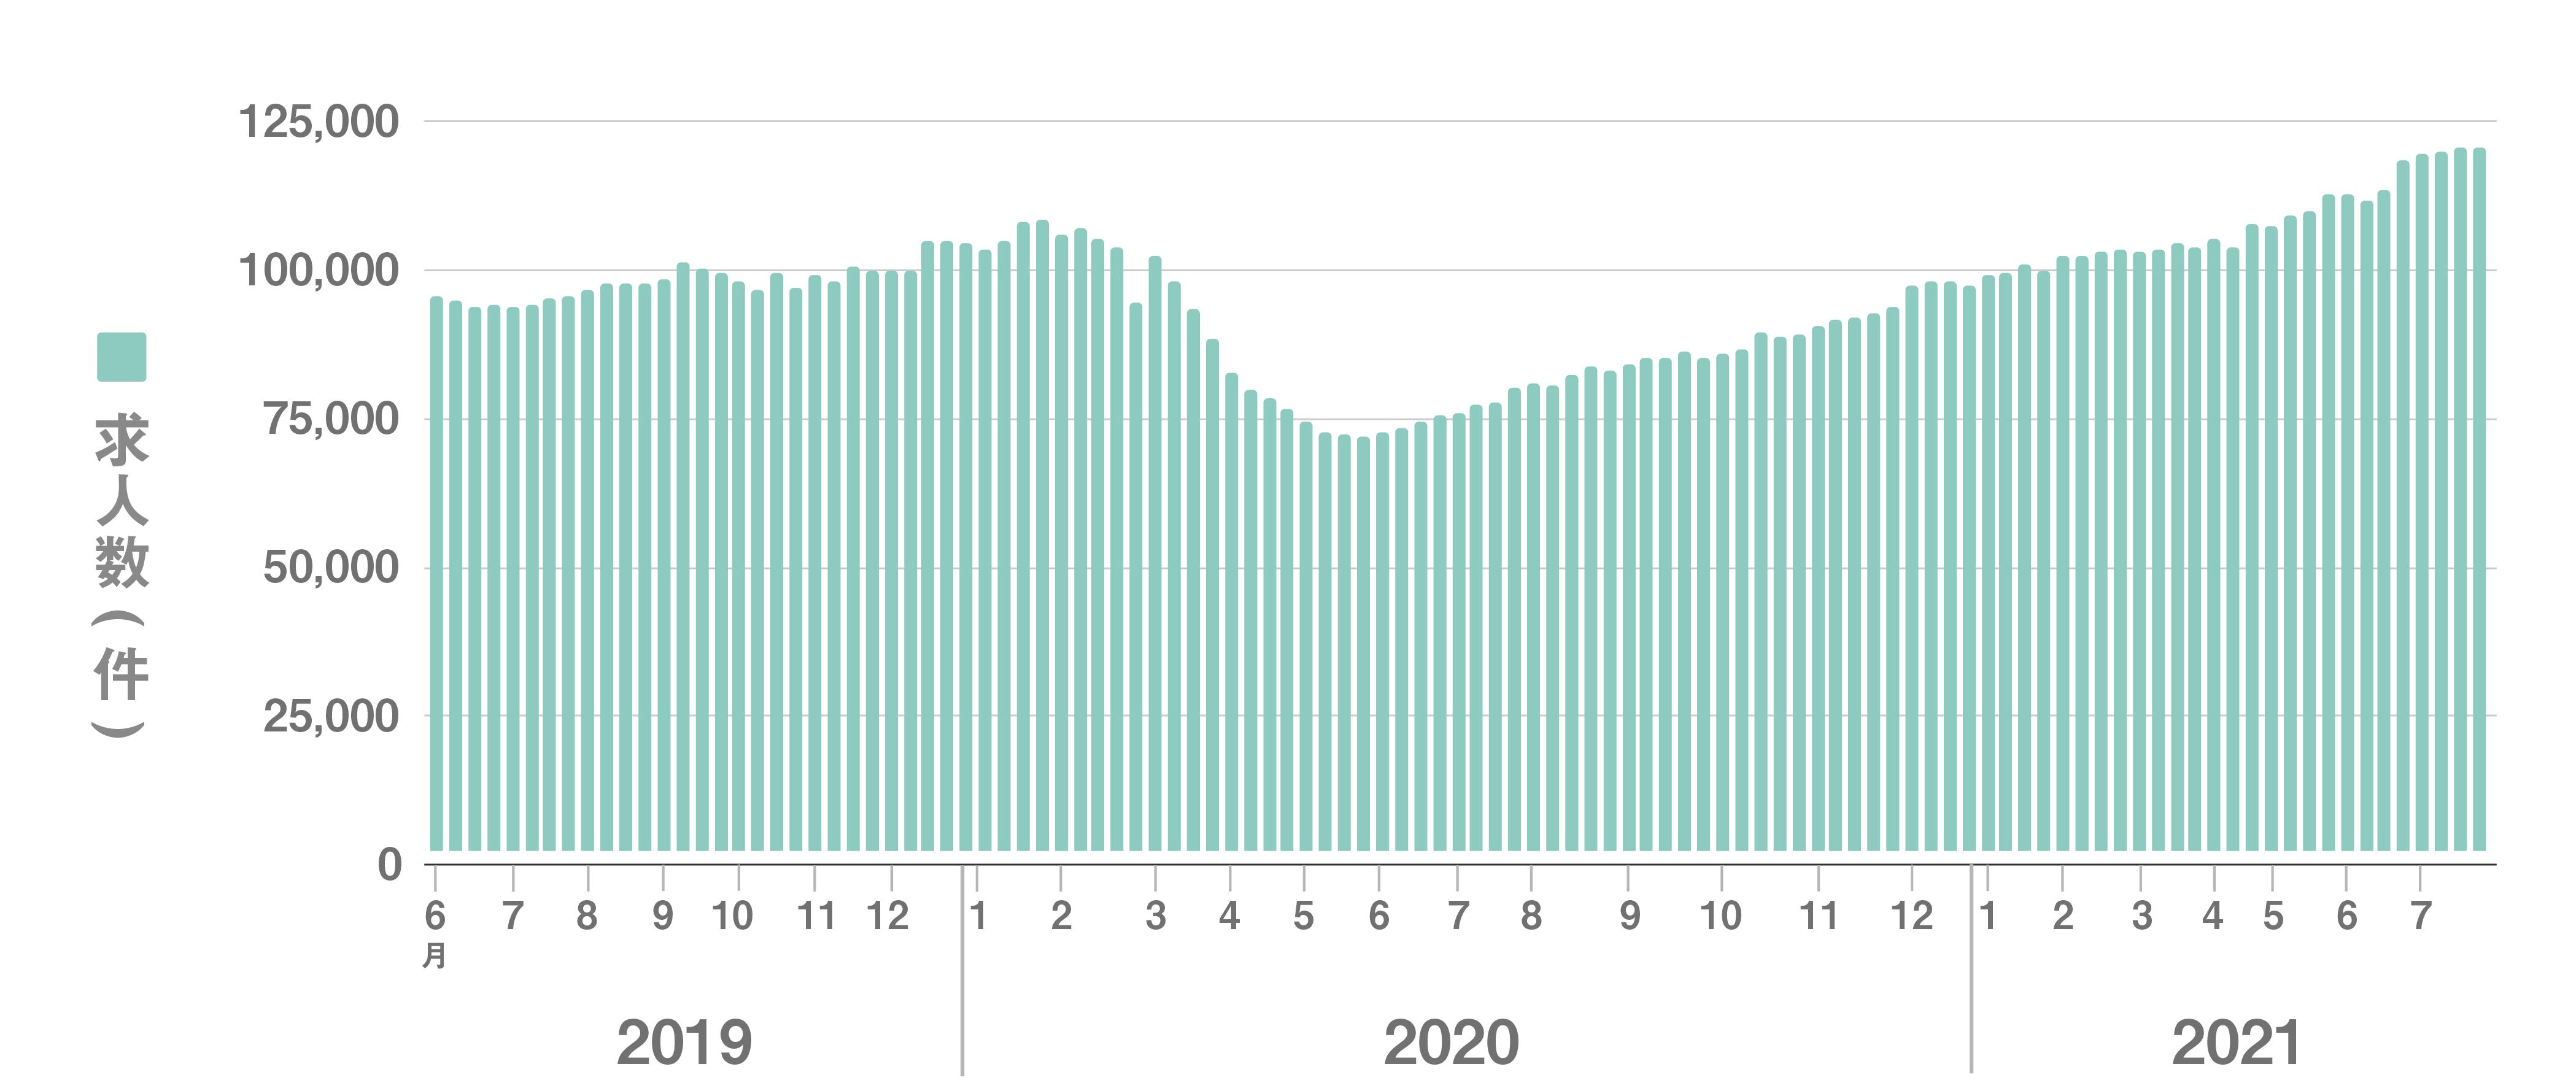 全国求人数 直近24か月の推移グラフ